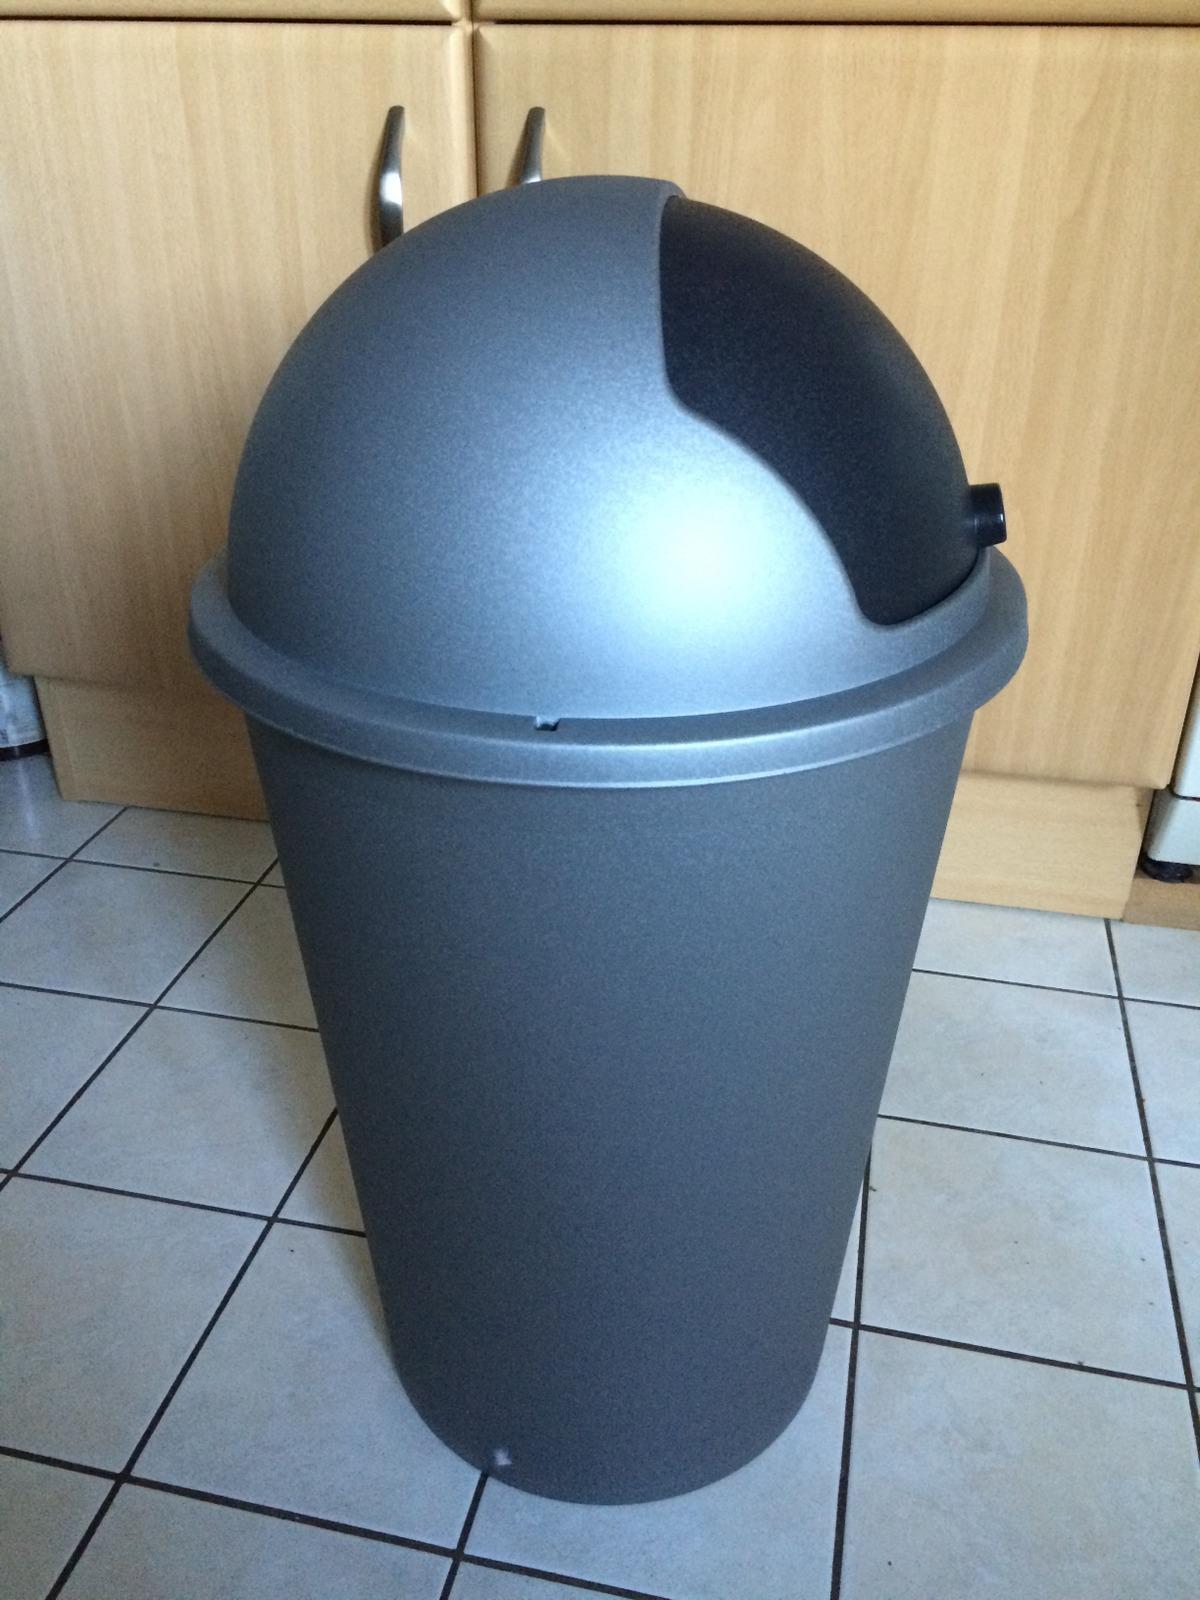 Der Mülleimer im Original